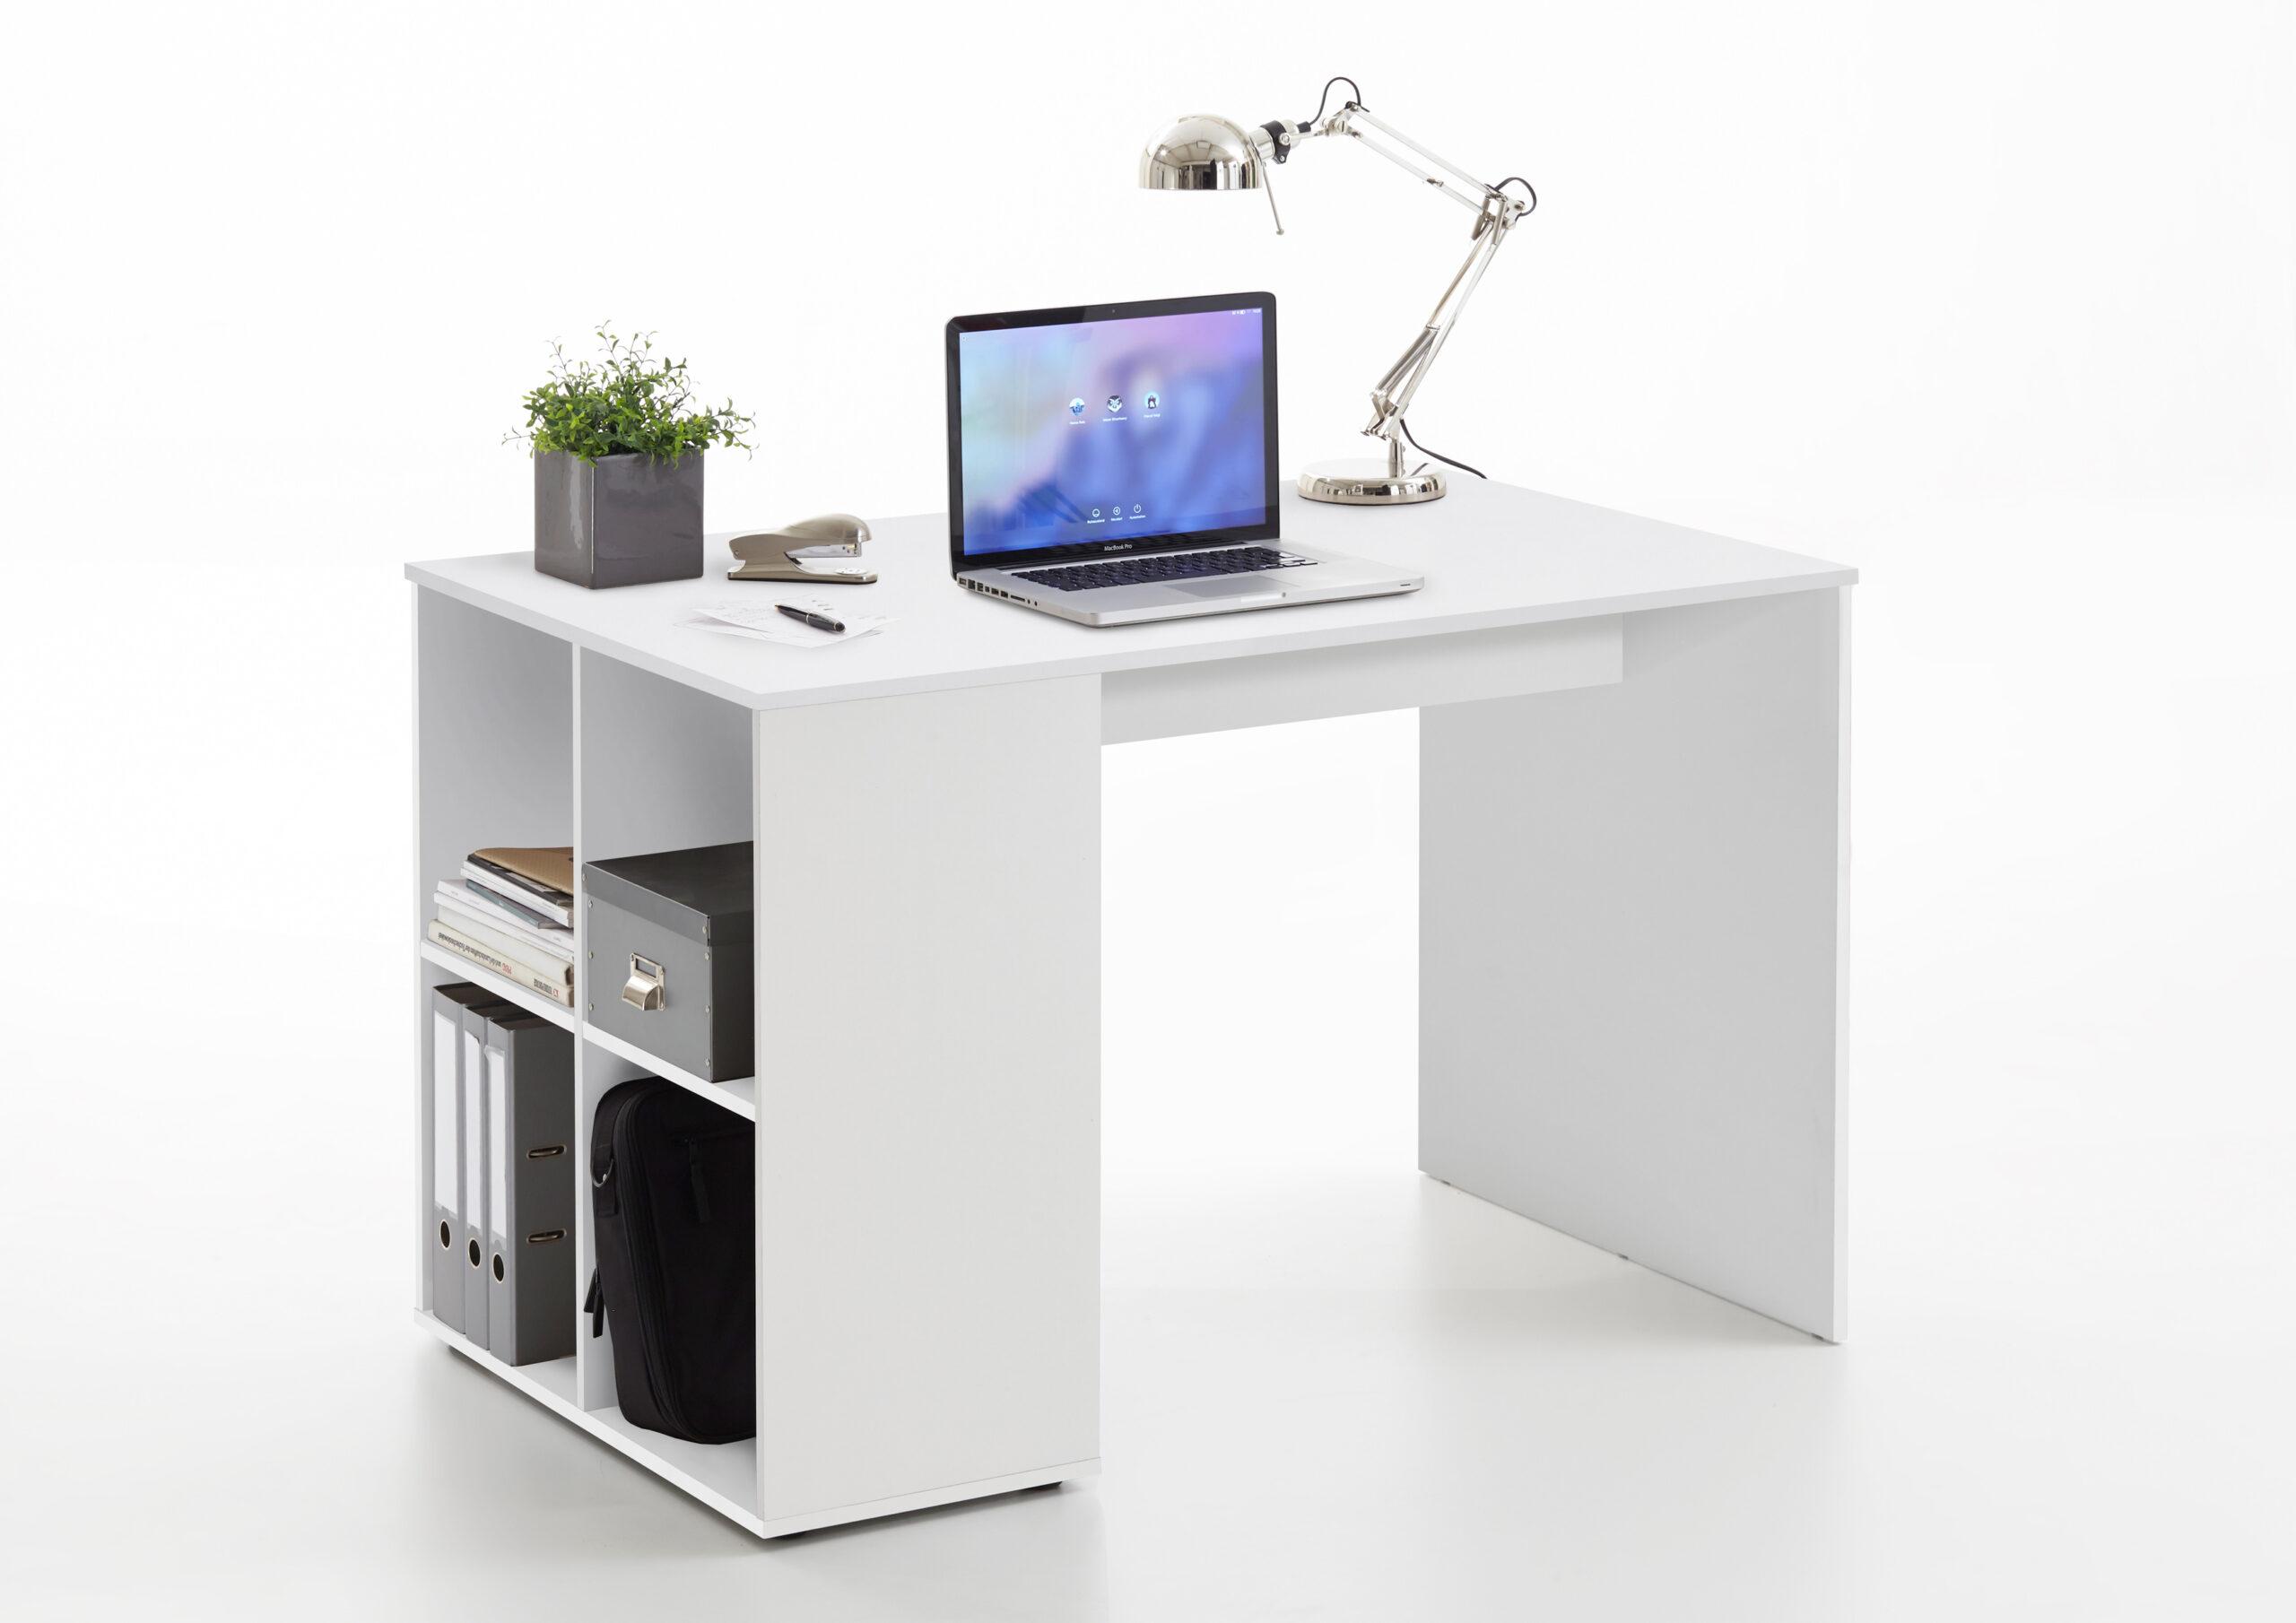 Full Size of Regal Schreibtisch Mit Klappbar Selber Bauen Integriert Ikea Kombination Regalaufsatz Integriertem Kombi Gent Von Fmd Wei Industrie 25 Cm Tief Hängeregal Regal Regal Schreibtisch